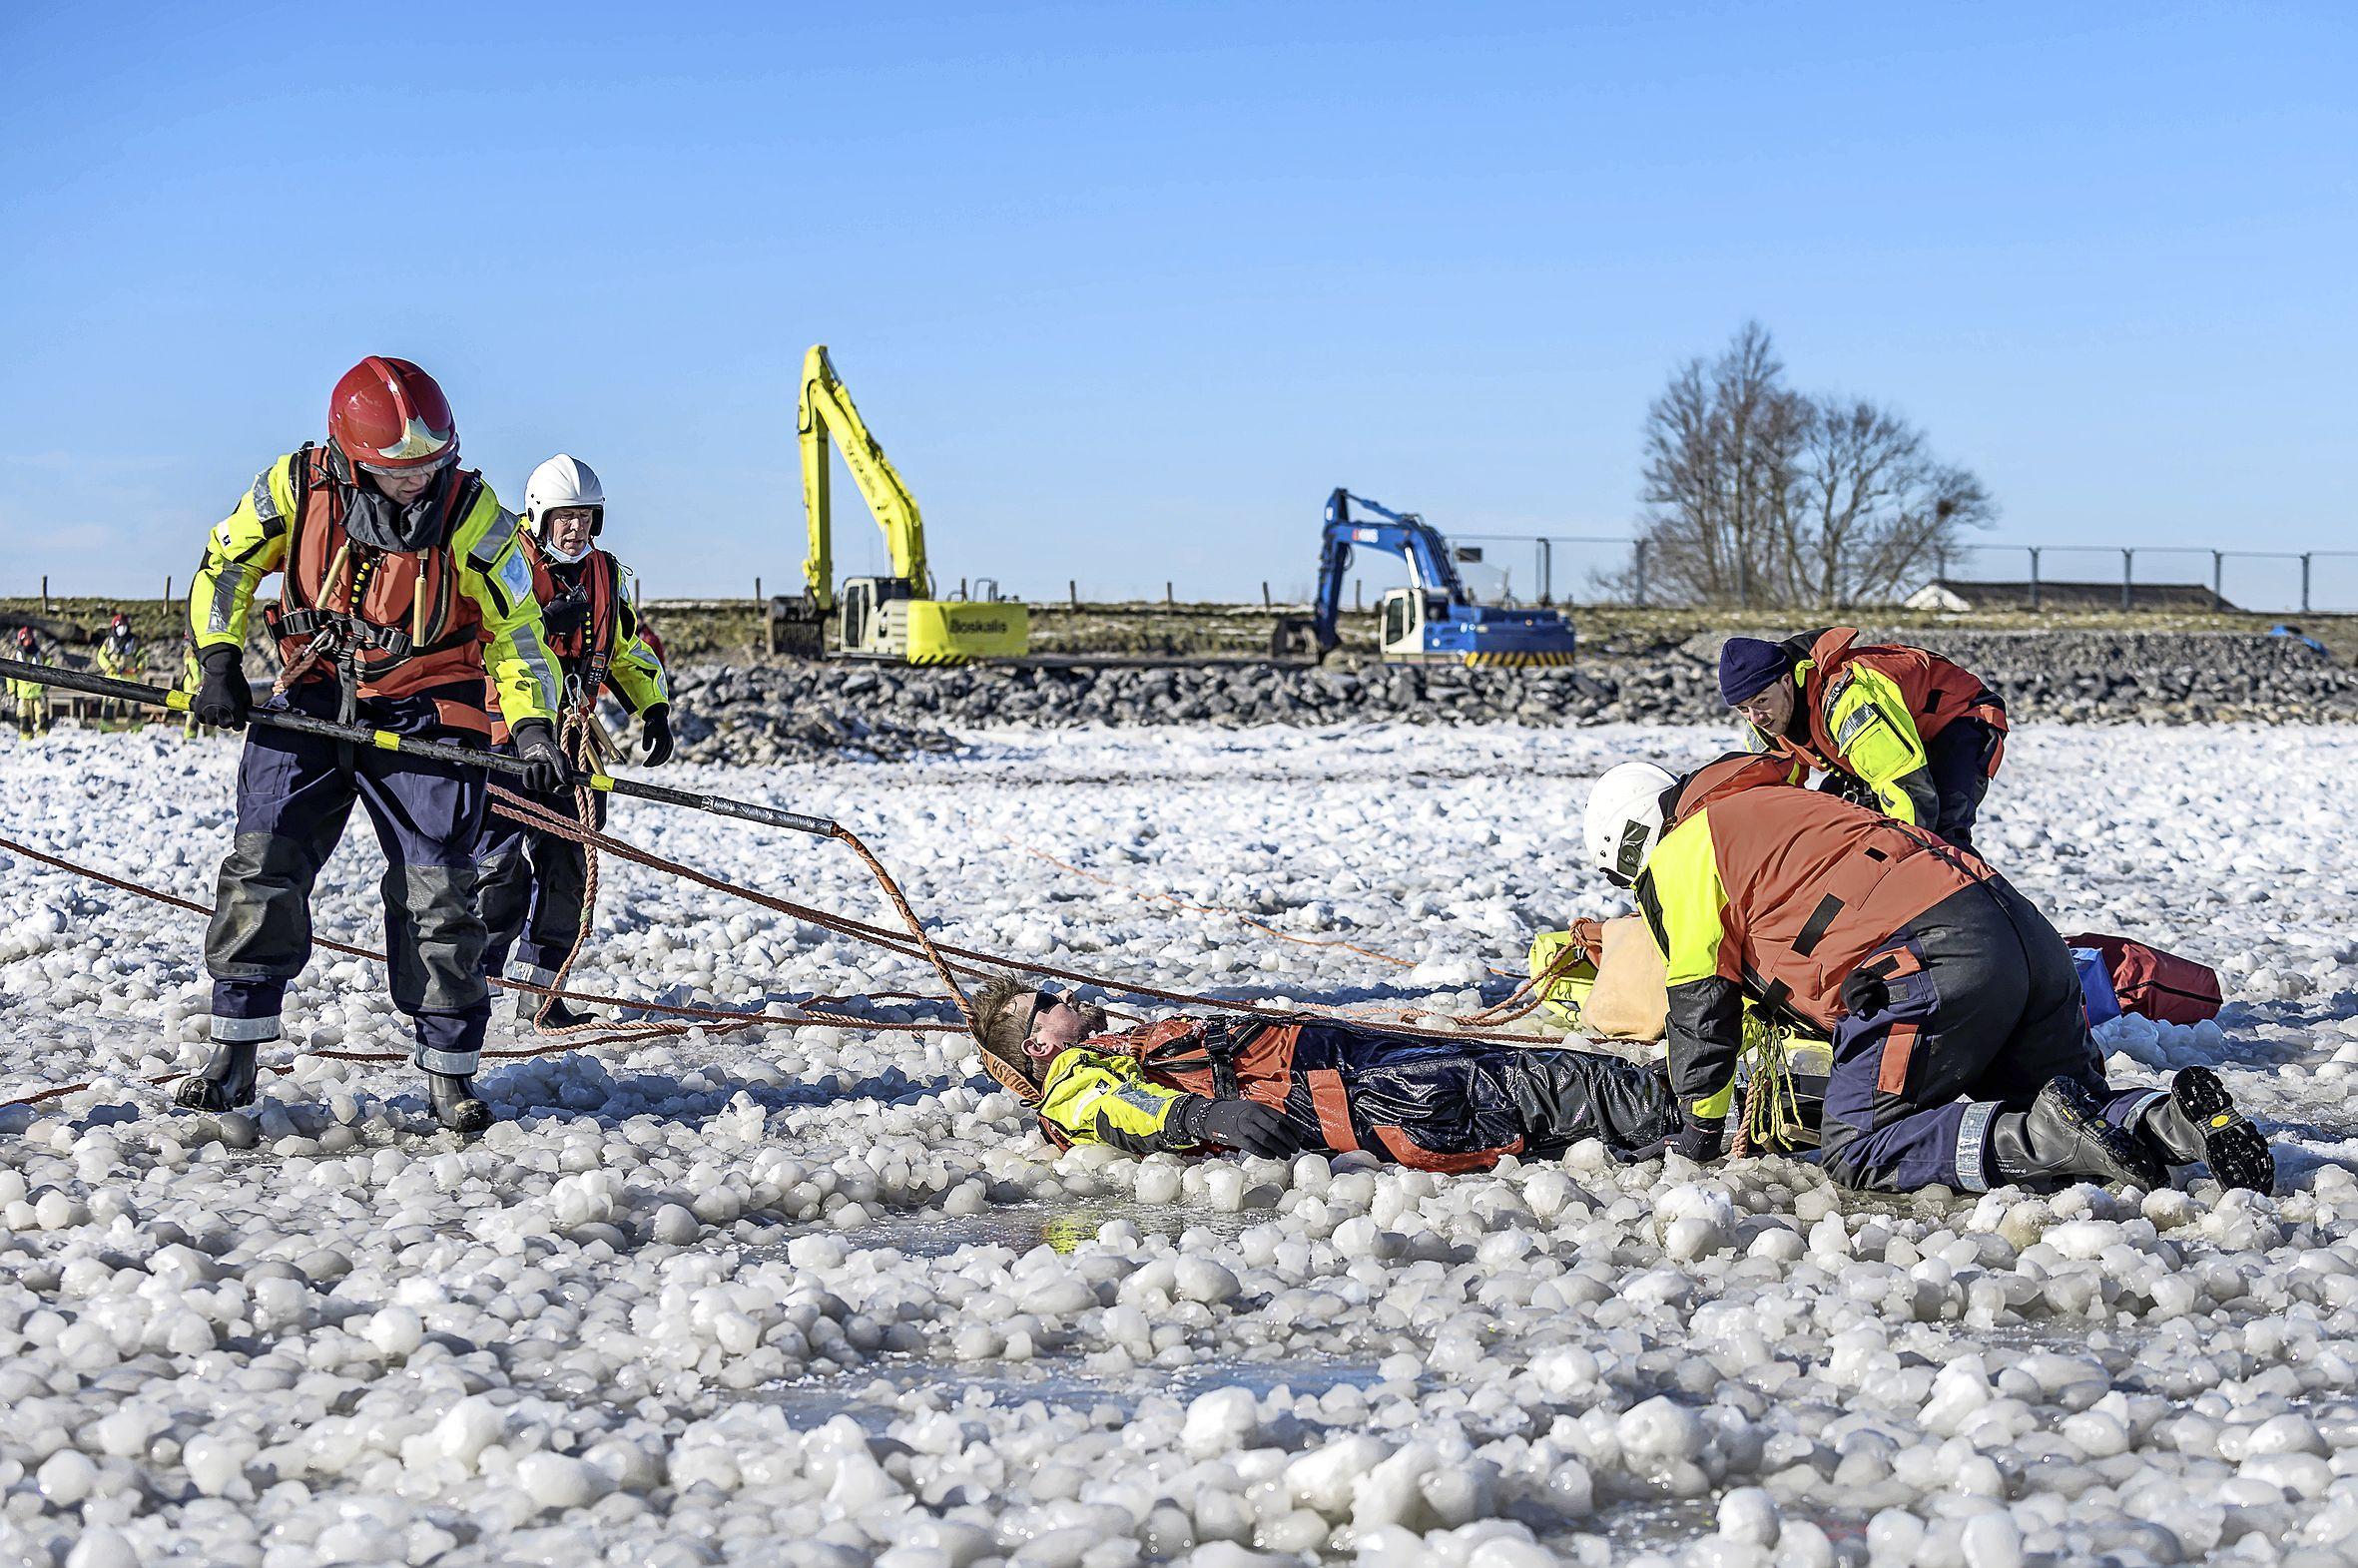 Helden van het water oefenen op het ijs bij Warder; reddingswerkers halen 'slachtoffers' uit wakken